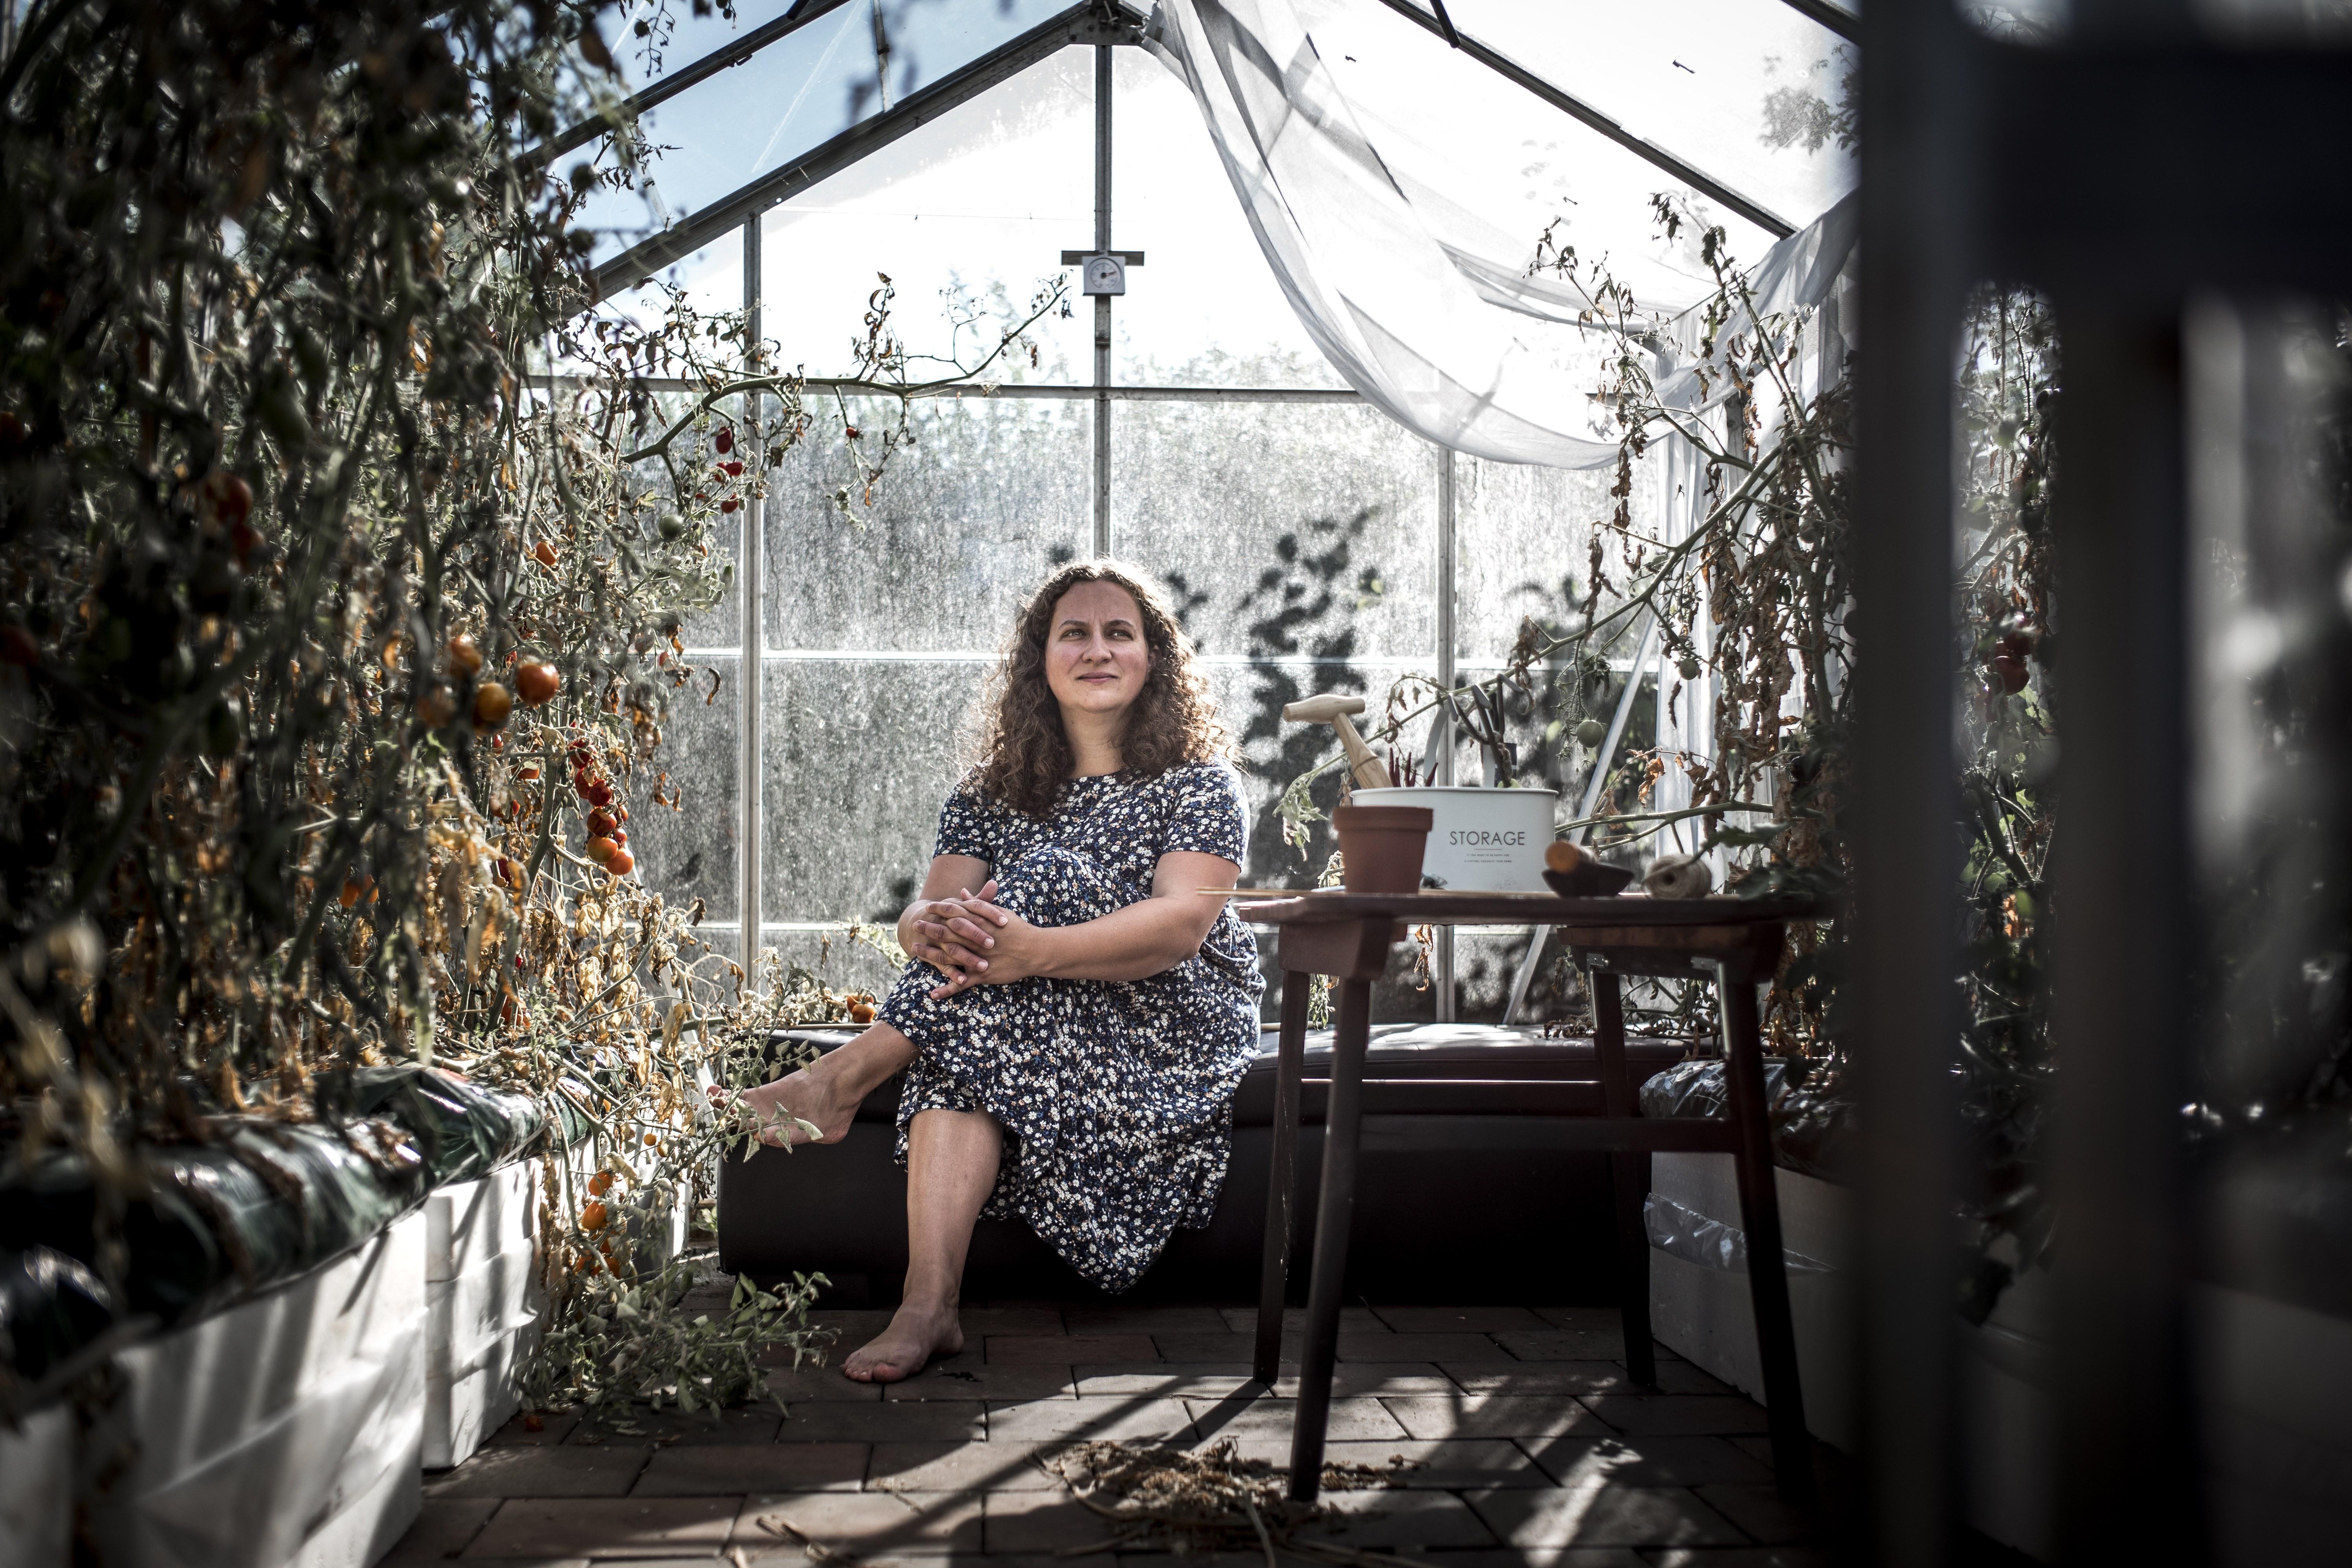 Tidlig pension: Efterlønnere lever kortere